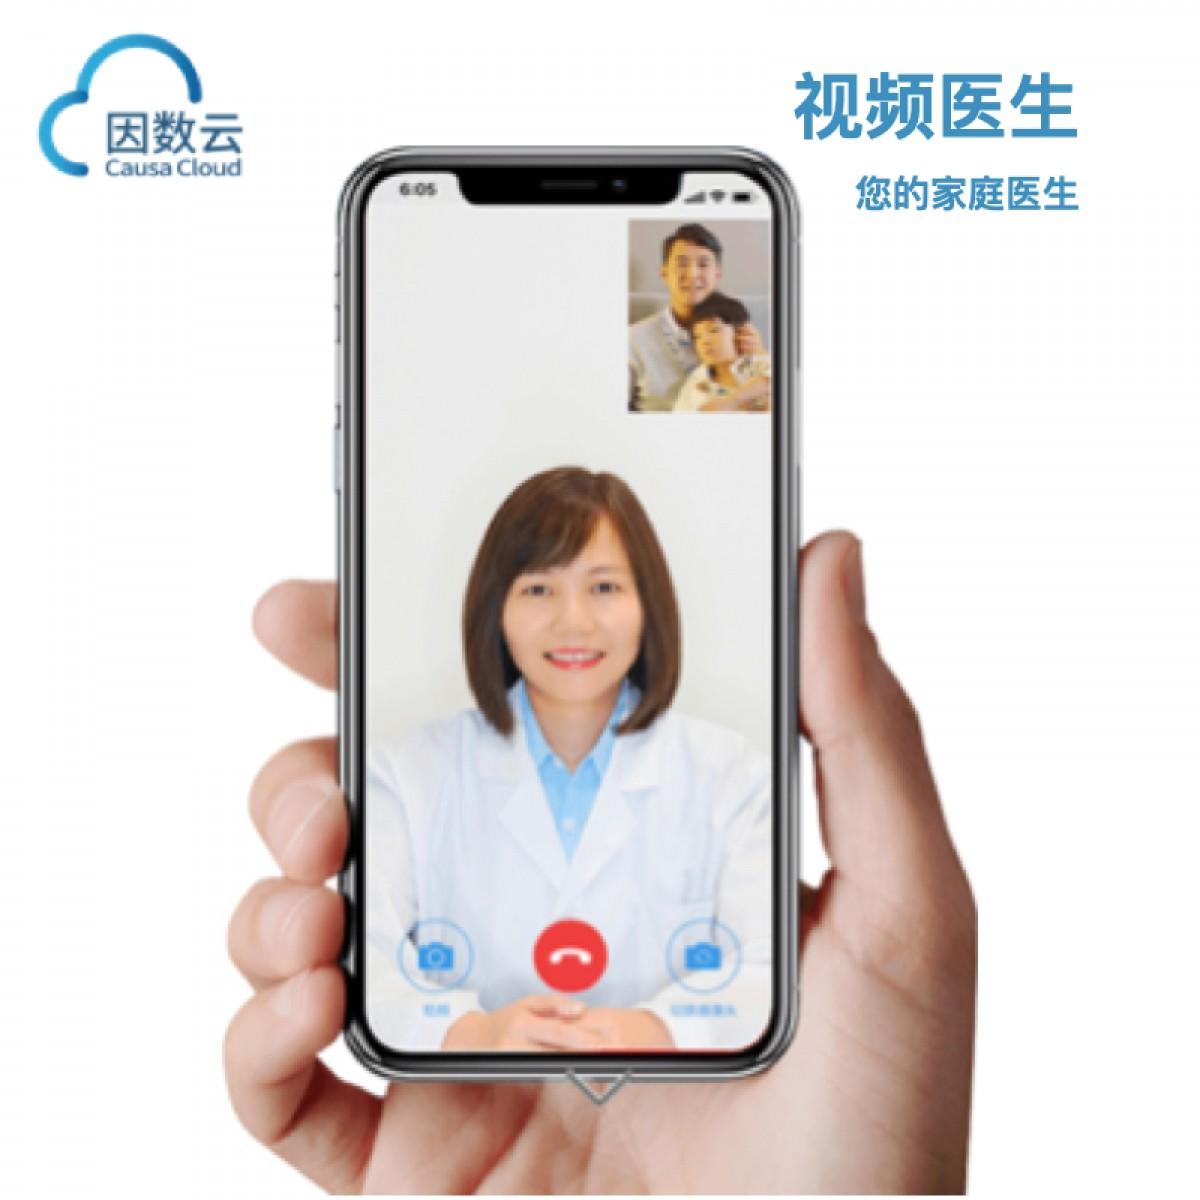 【虚拟卡】因数视频医生日卡